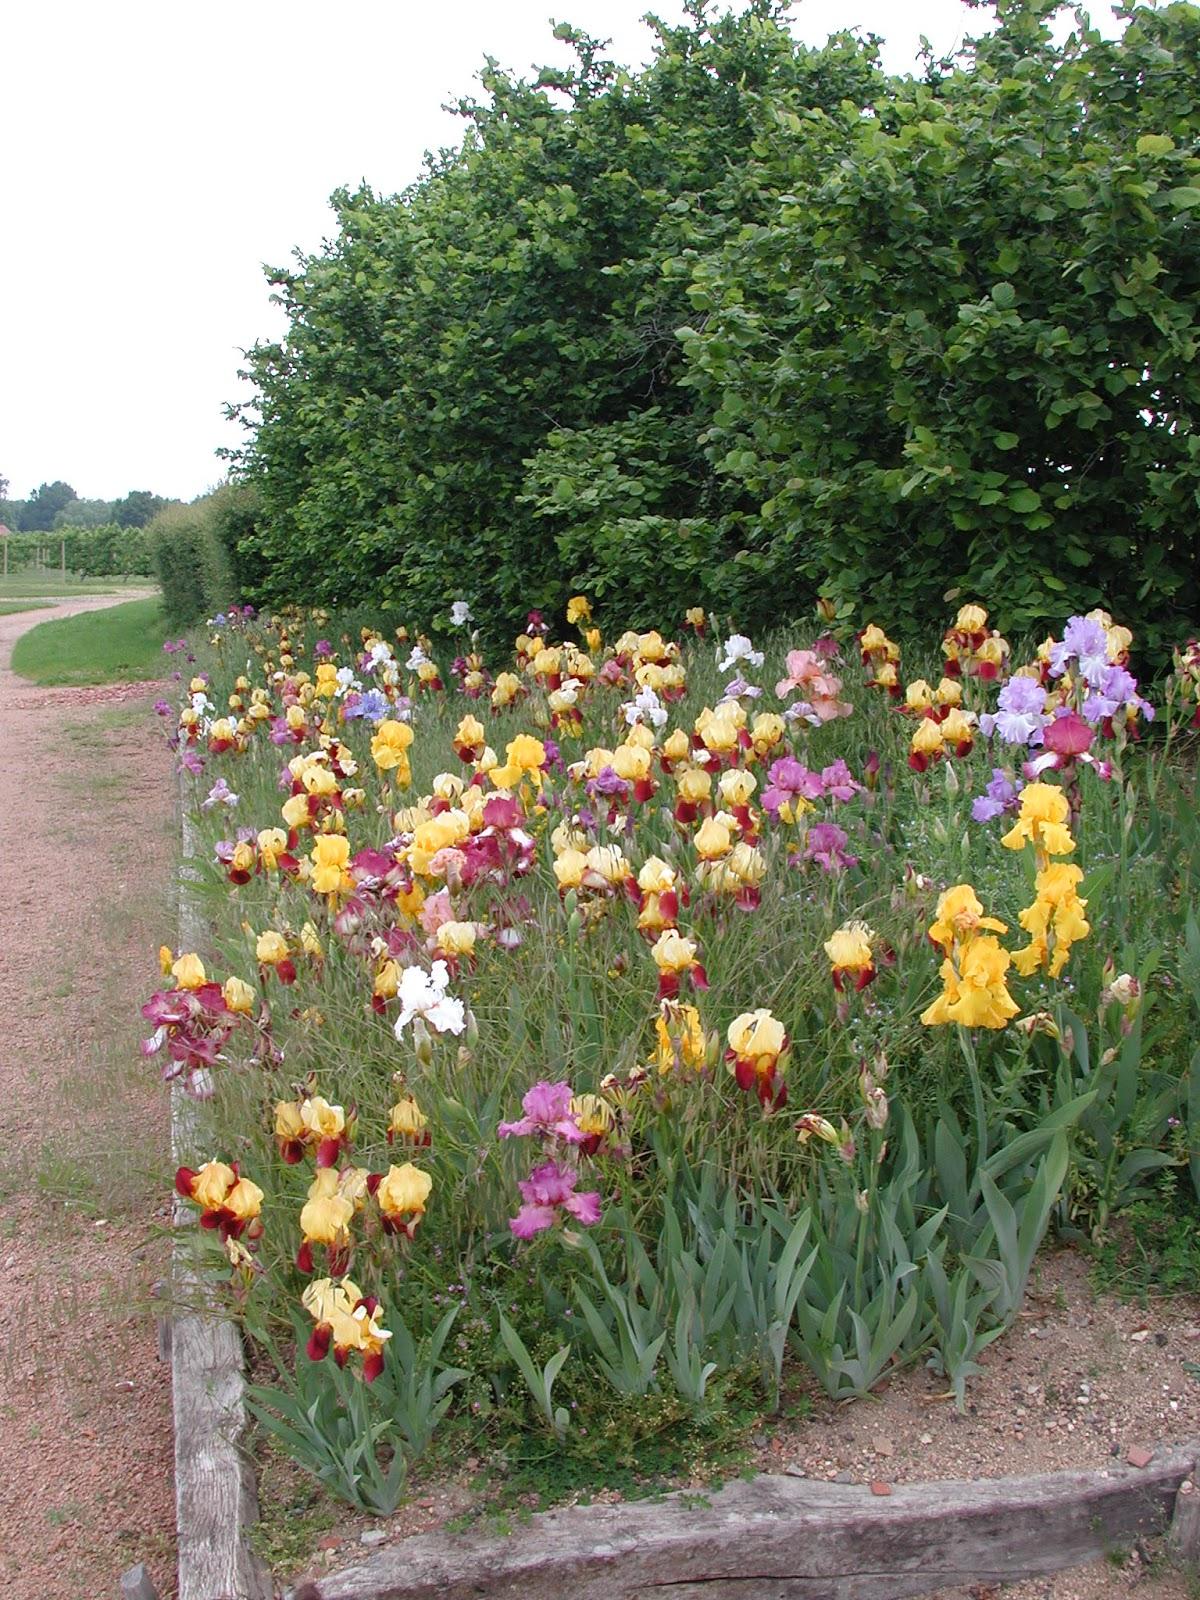 iris de belles plantes vivaces pour colorer votre jardin les carnets de georges delbard. Black Bedroom Furniture Sets. Home Design Ideas